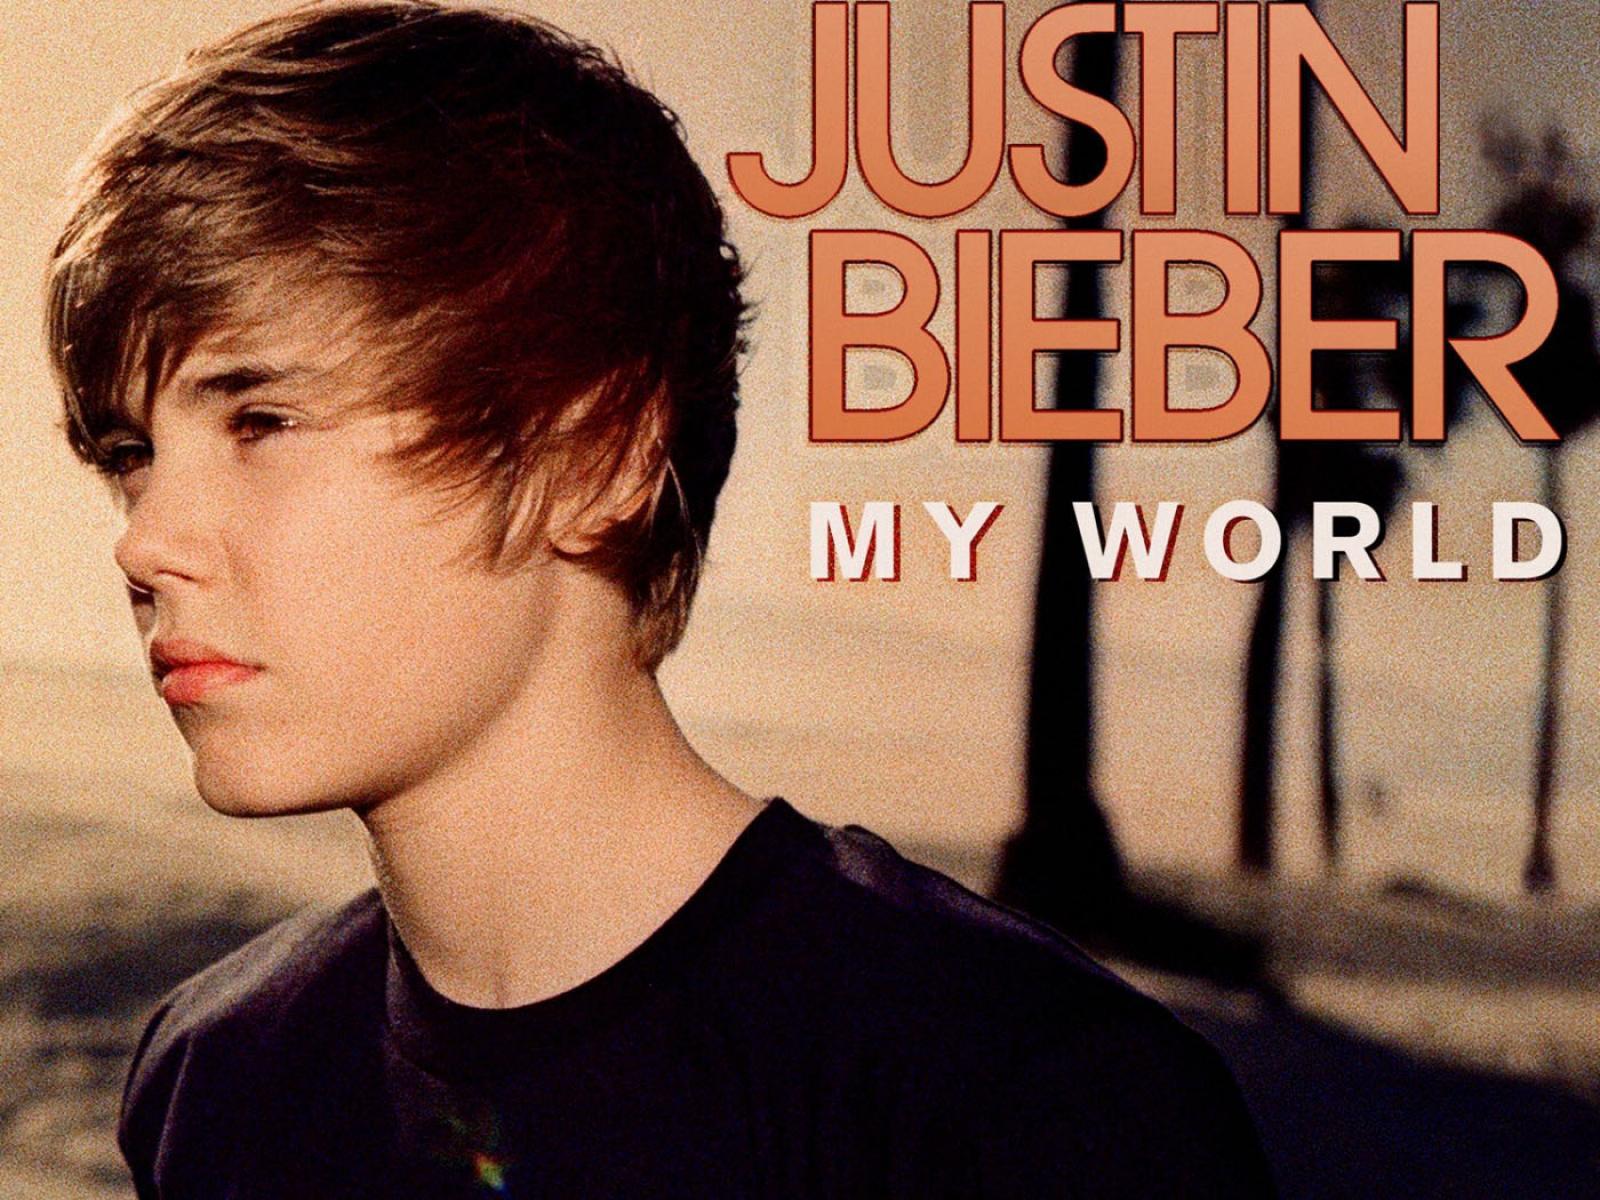 Hd Wallpapers Of Justin Bieber Wallpapersafari